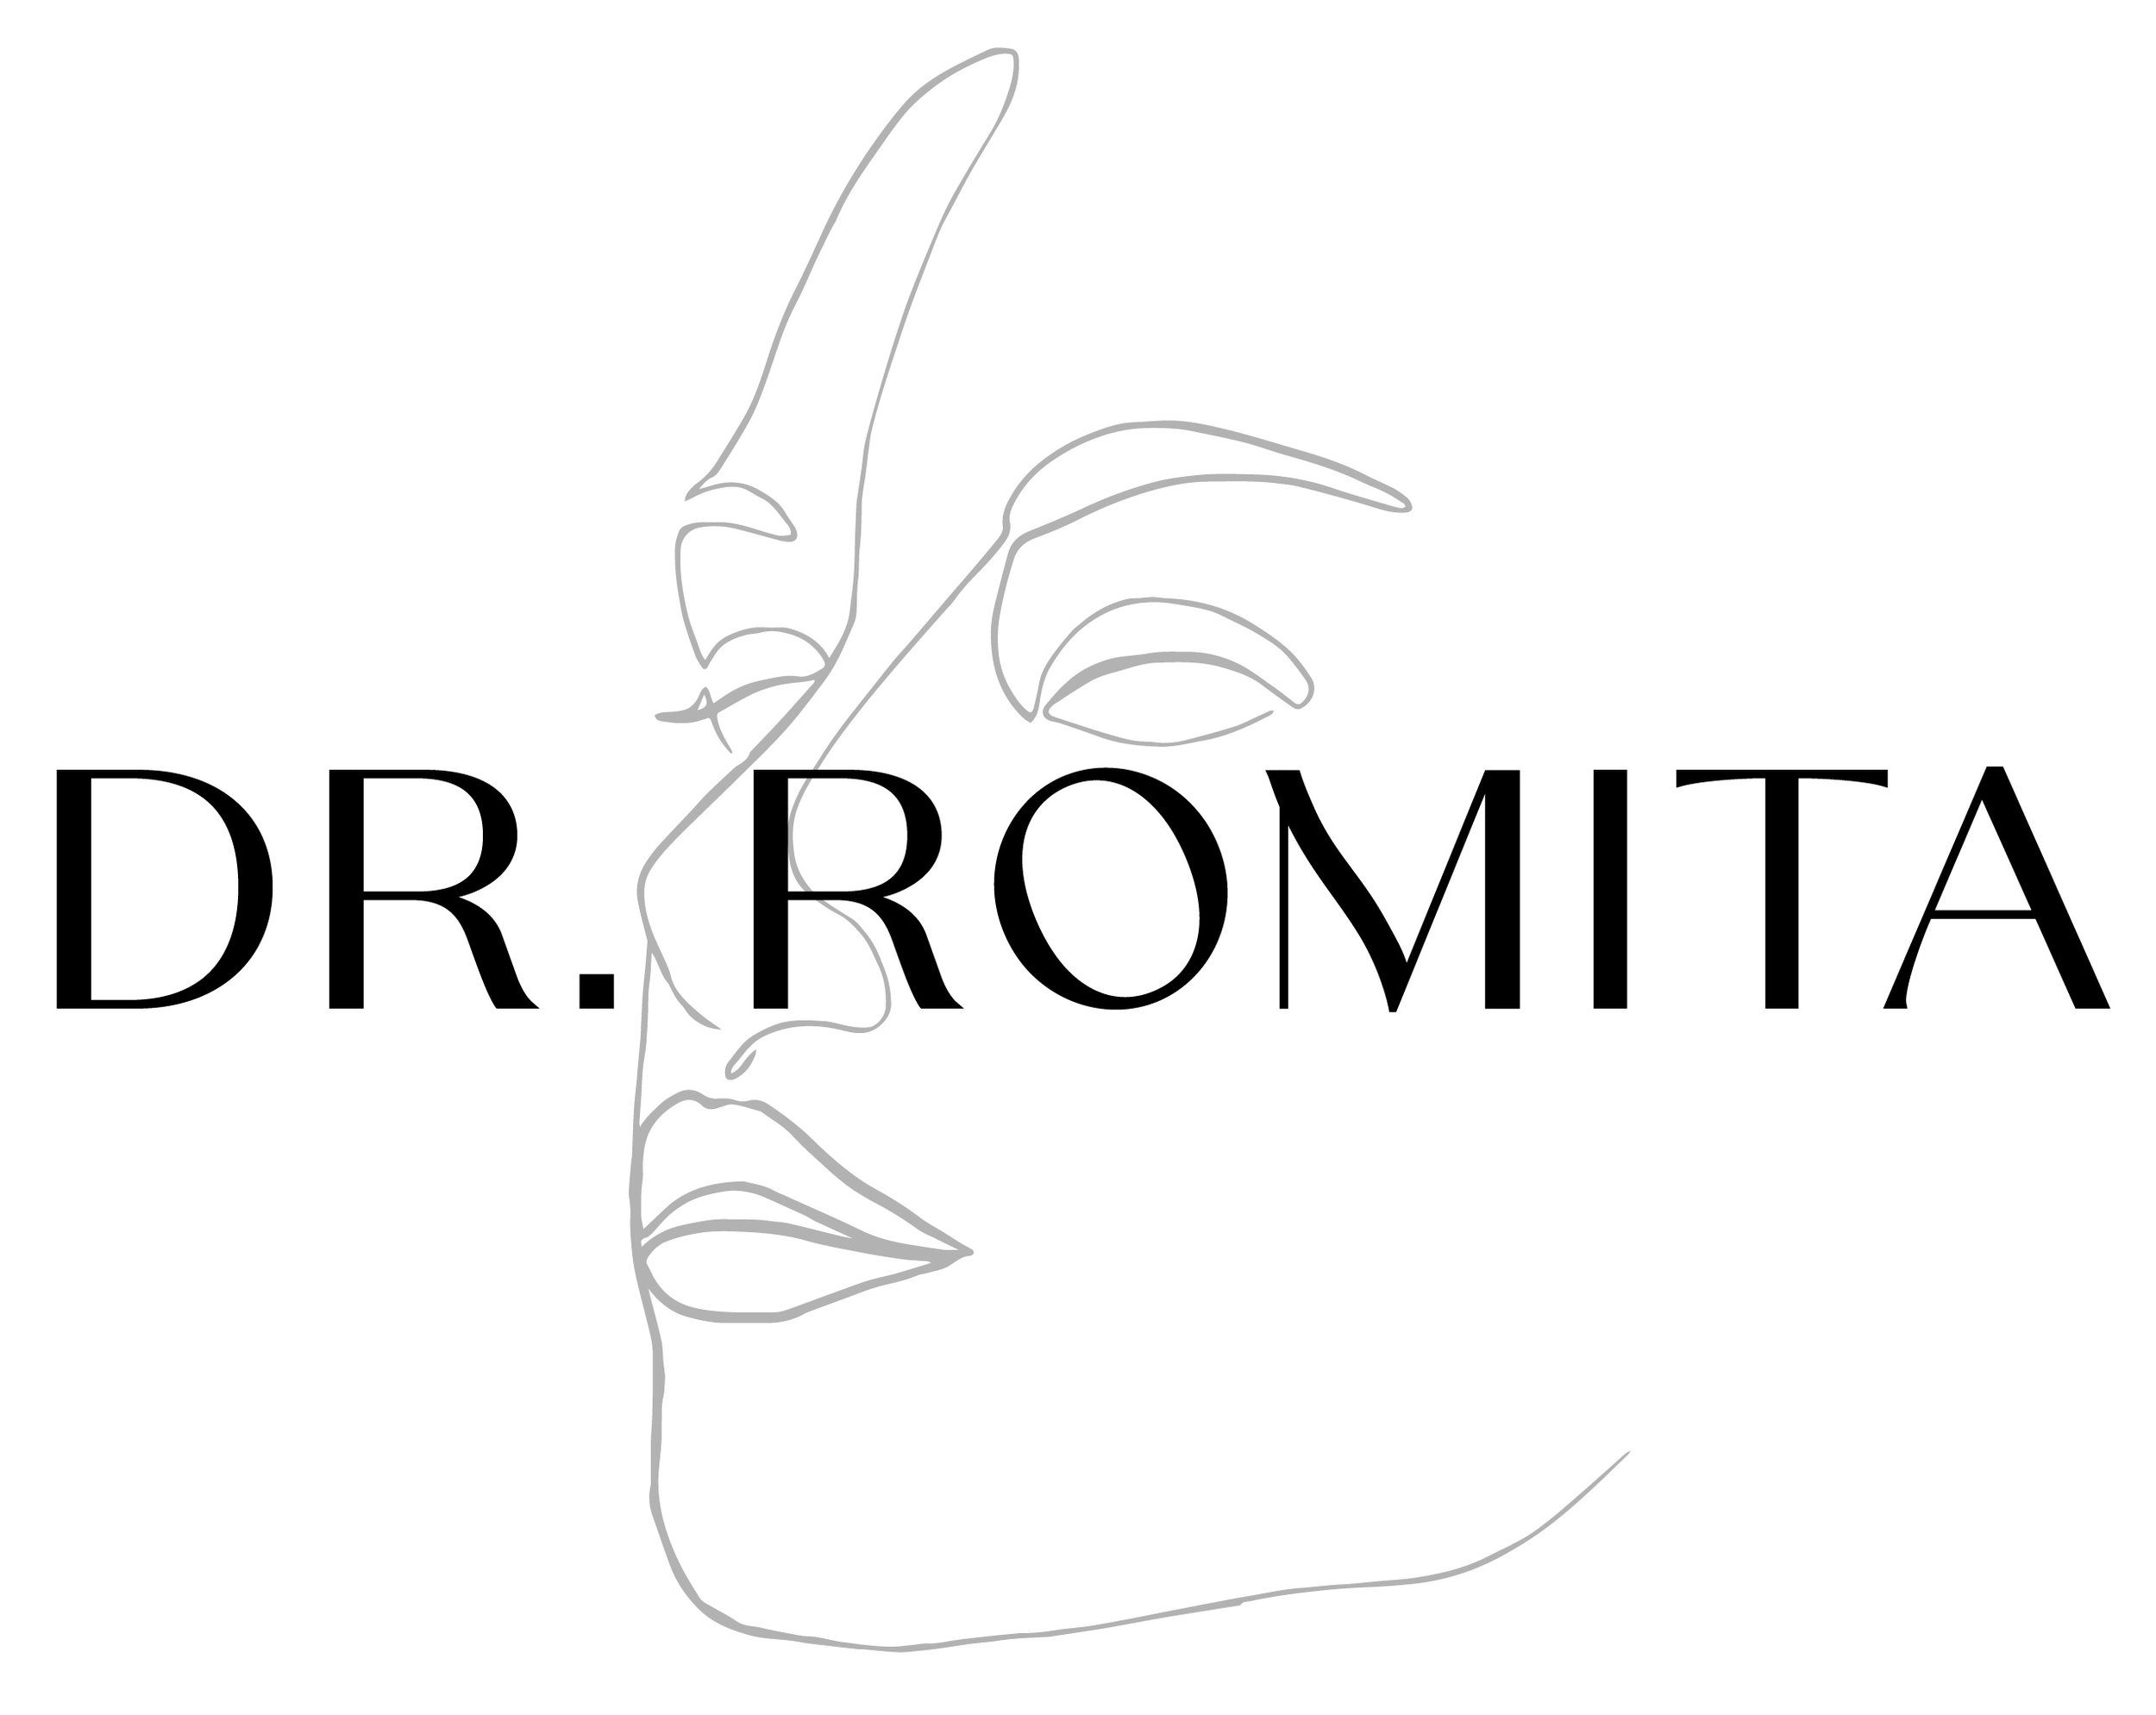 DrRomita_logo_black-02.jpg